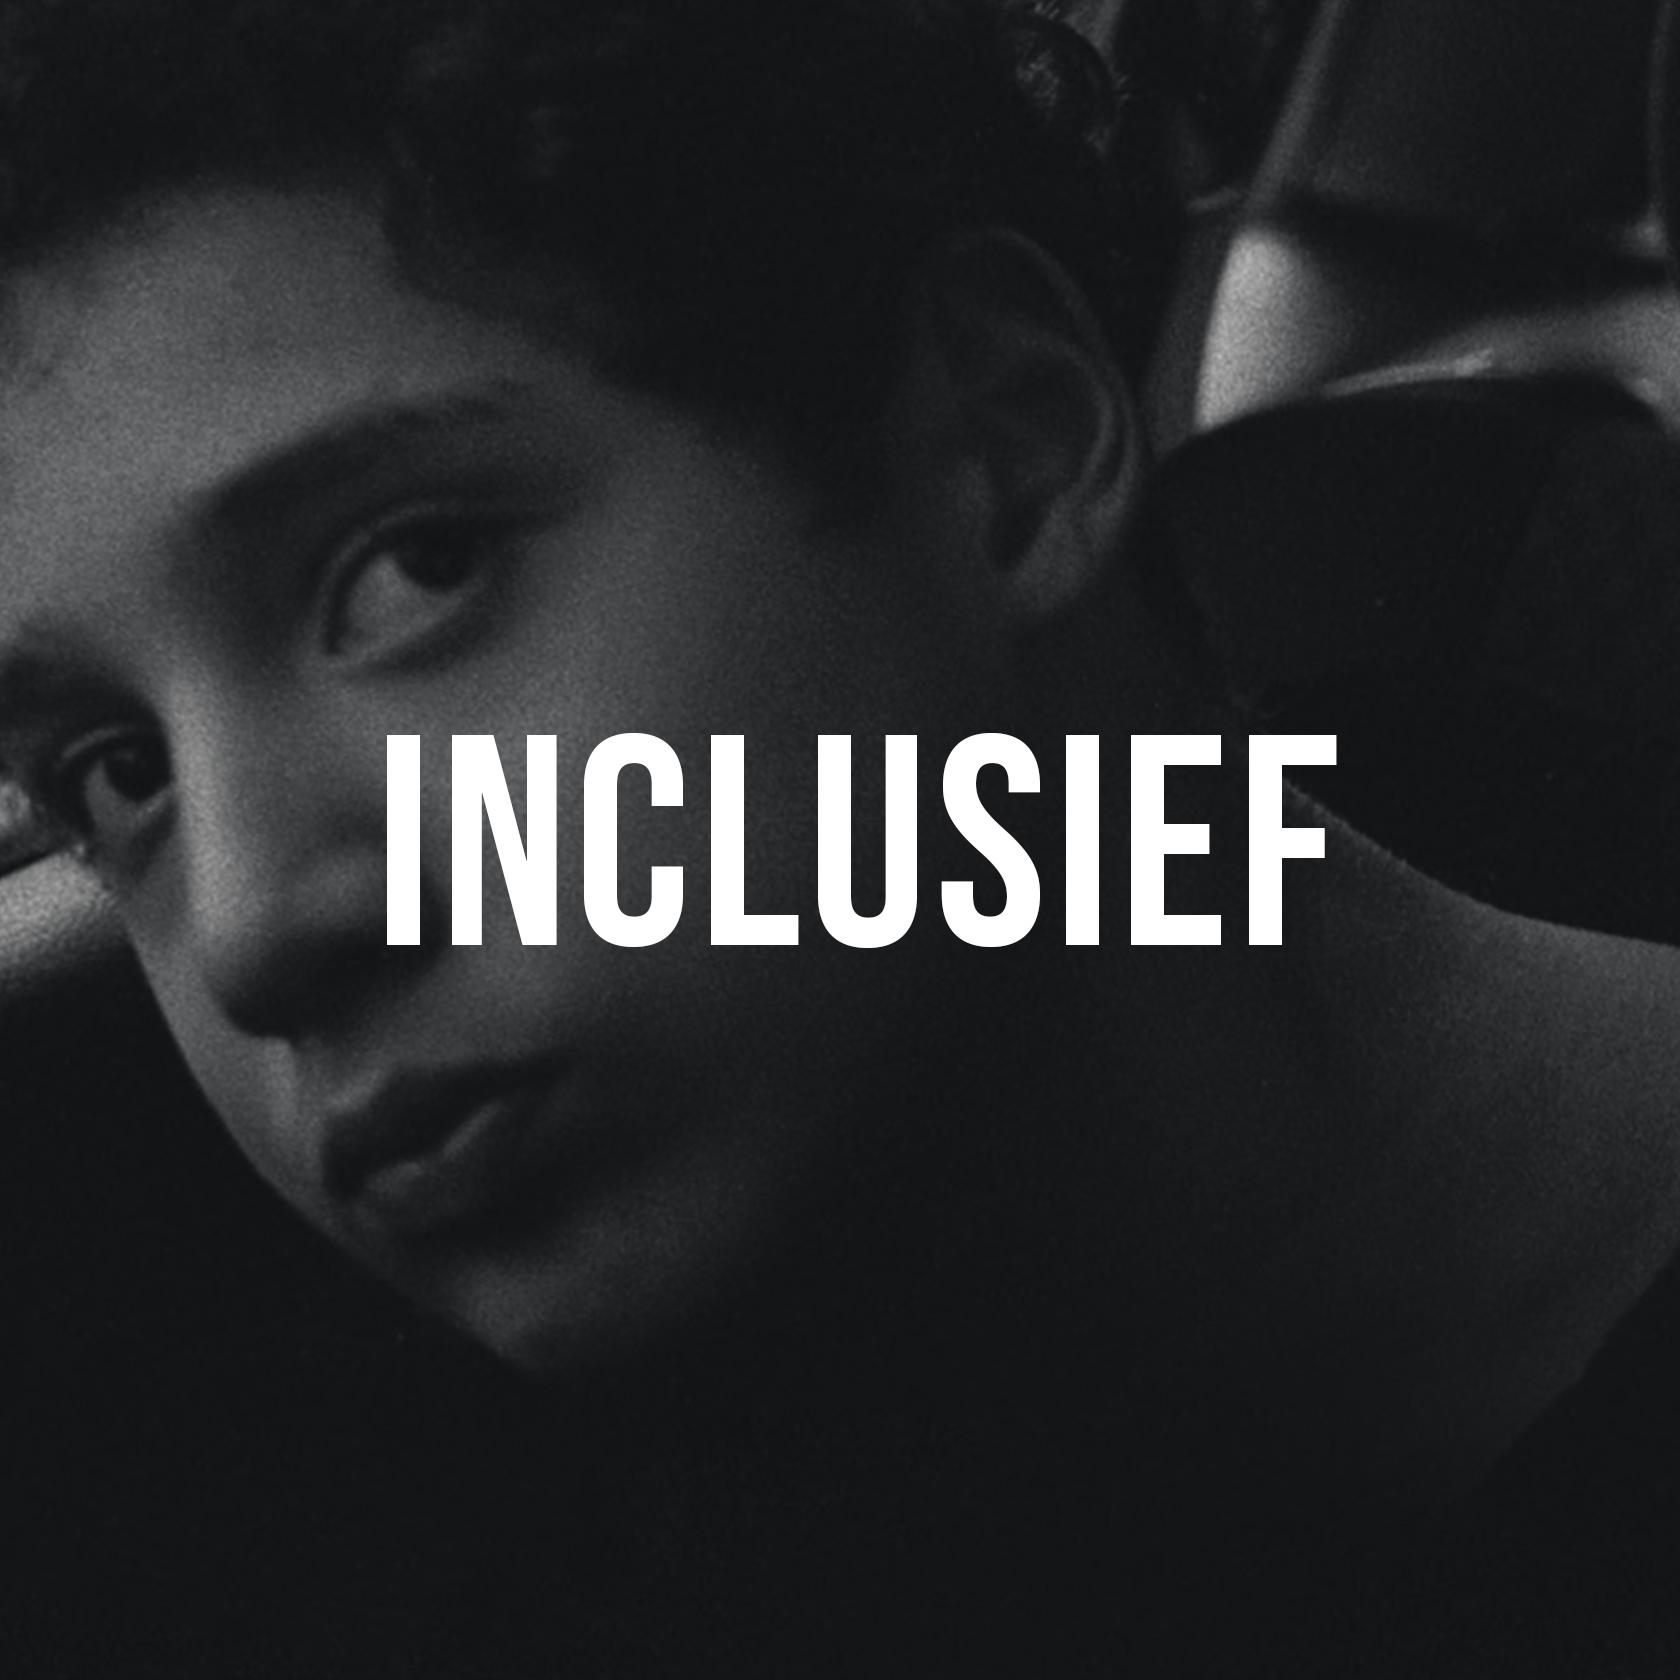 Inclusief.jpg